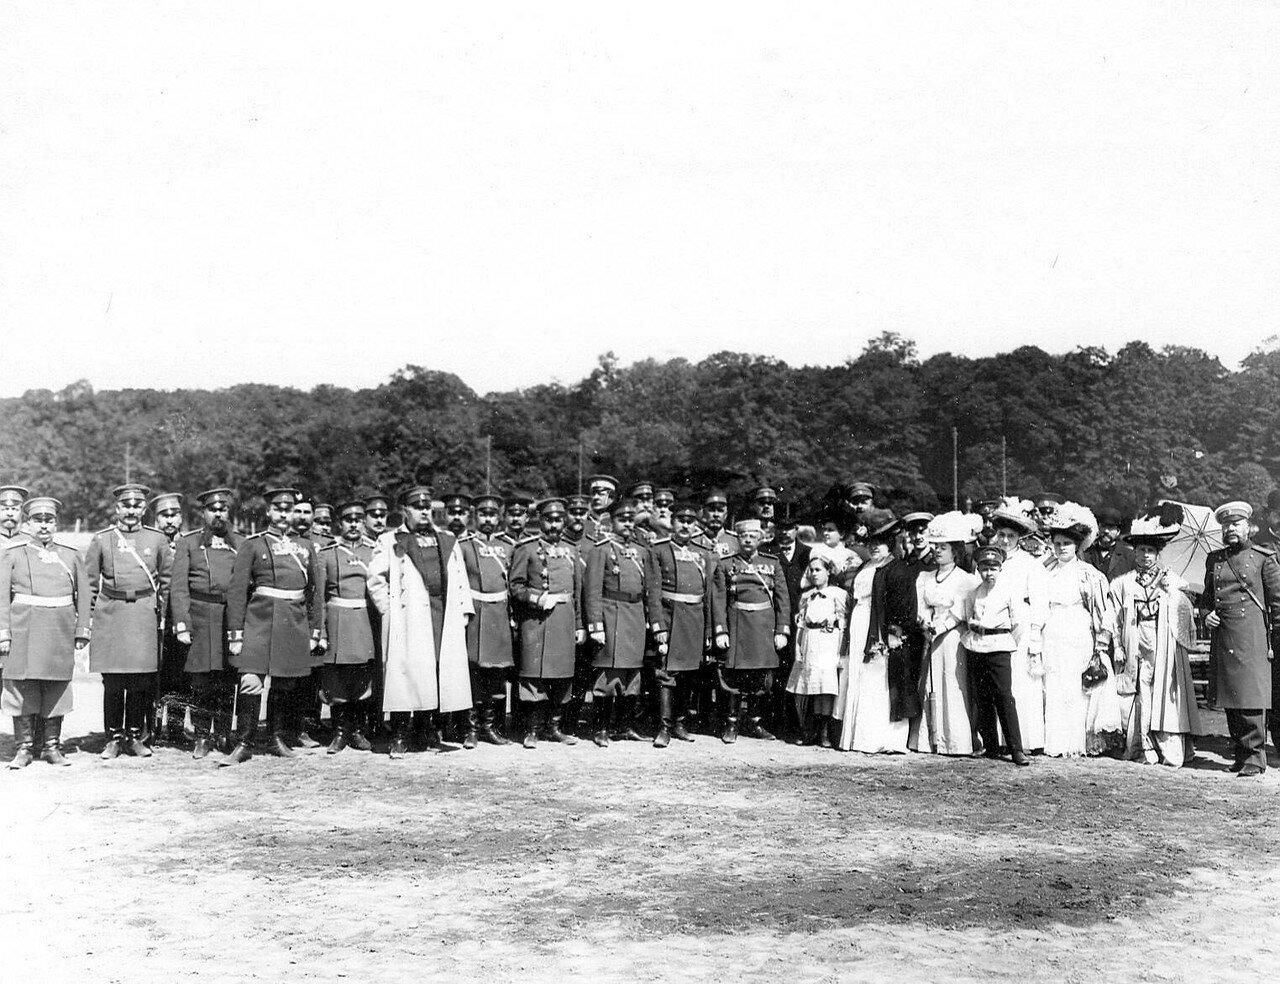 25. Группа офицеров полиции во главе с полковником В.Ф. Галле, другие чины полиции и члены их семей